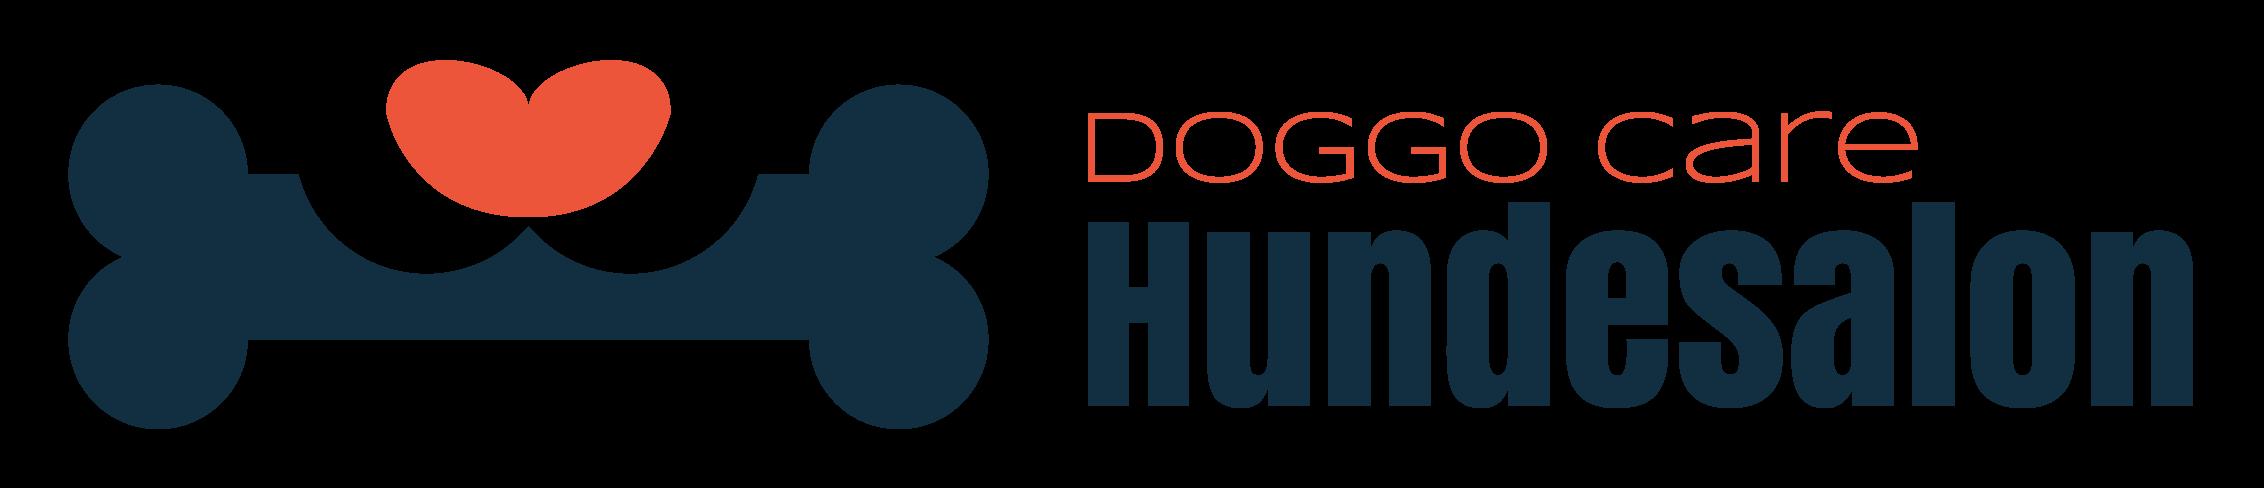 DOGGO CARE